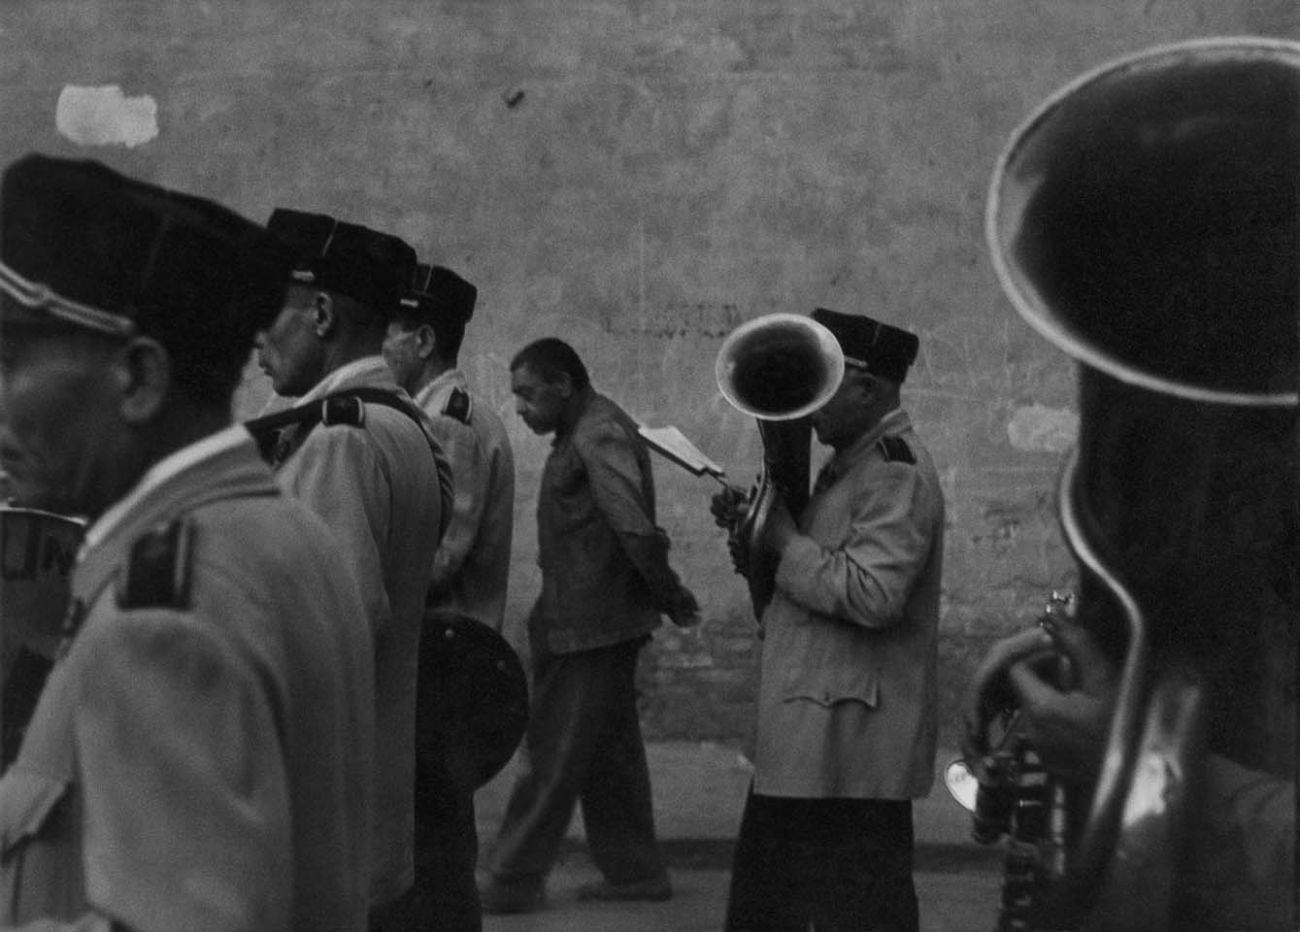 Parade, Valencia, 1952 © Robert Frank. Courtesy Sammlung der Fotostiftung Schweiz, Winterthur <br /><br />A C/O Berlinben megrendezett kiállítás 2019. november 30-ig látogatható.